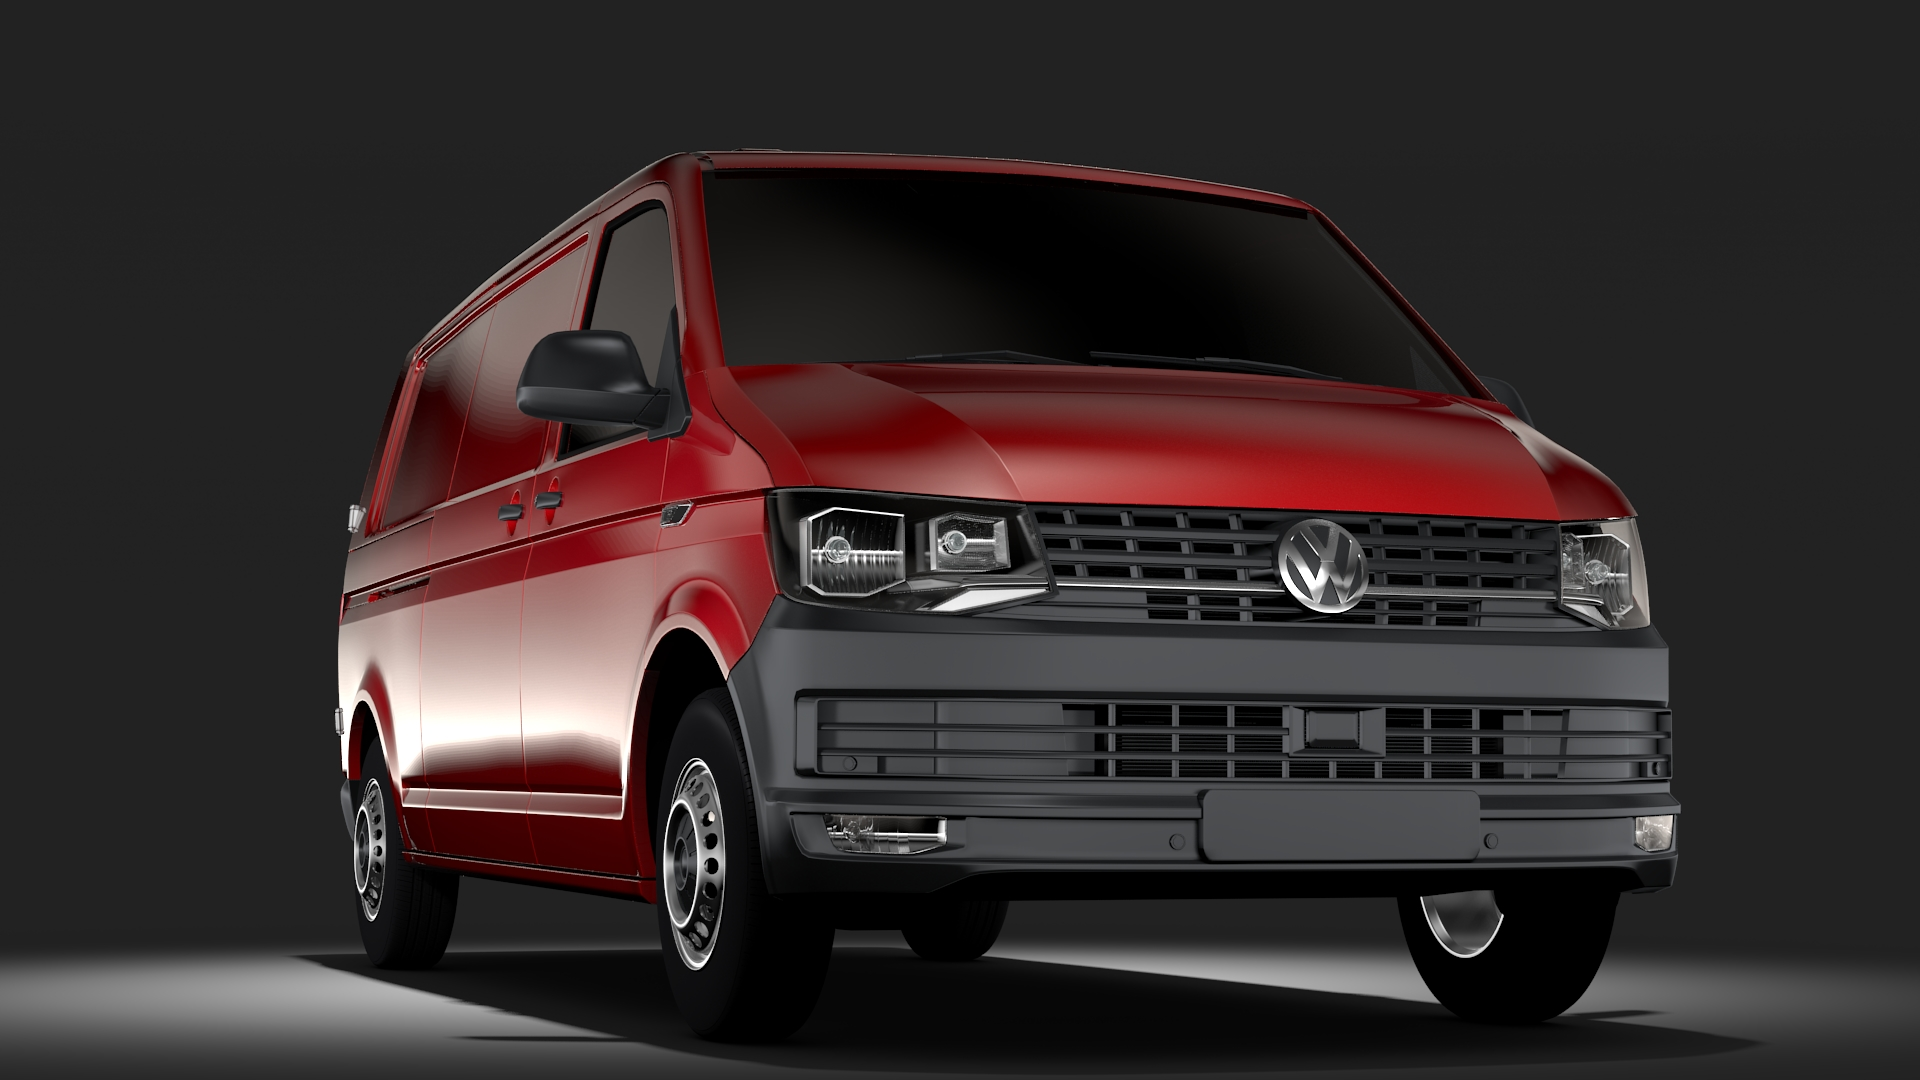 volkswagen transporteris furgonas l2h1 t6 2017 3d modelis max fbx XXXXXXXXXMUMX